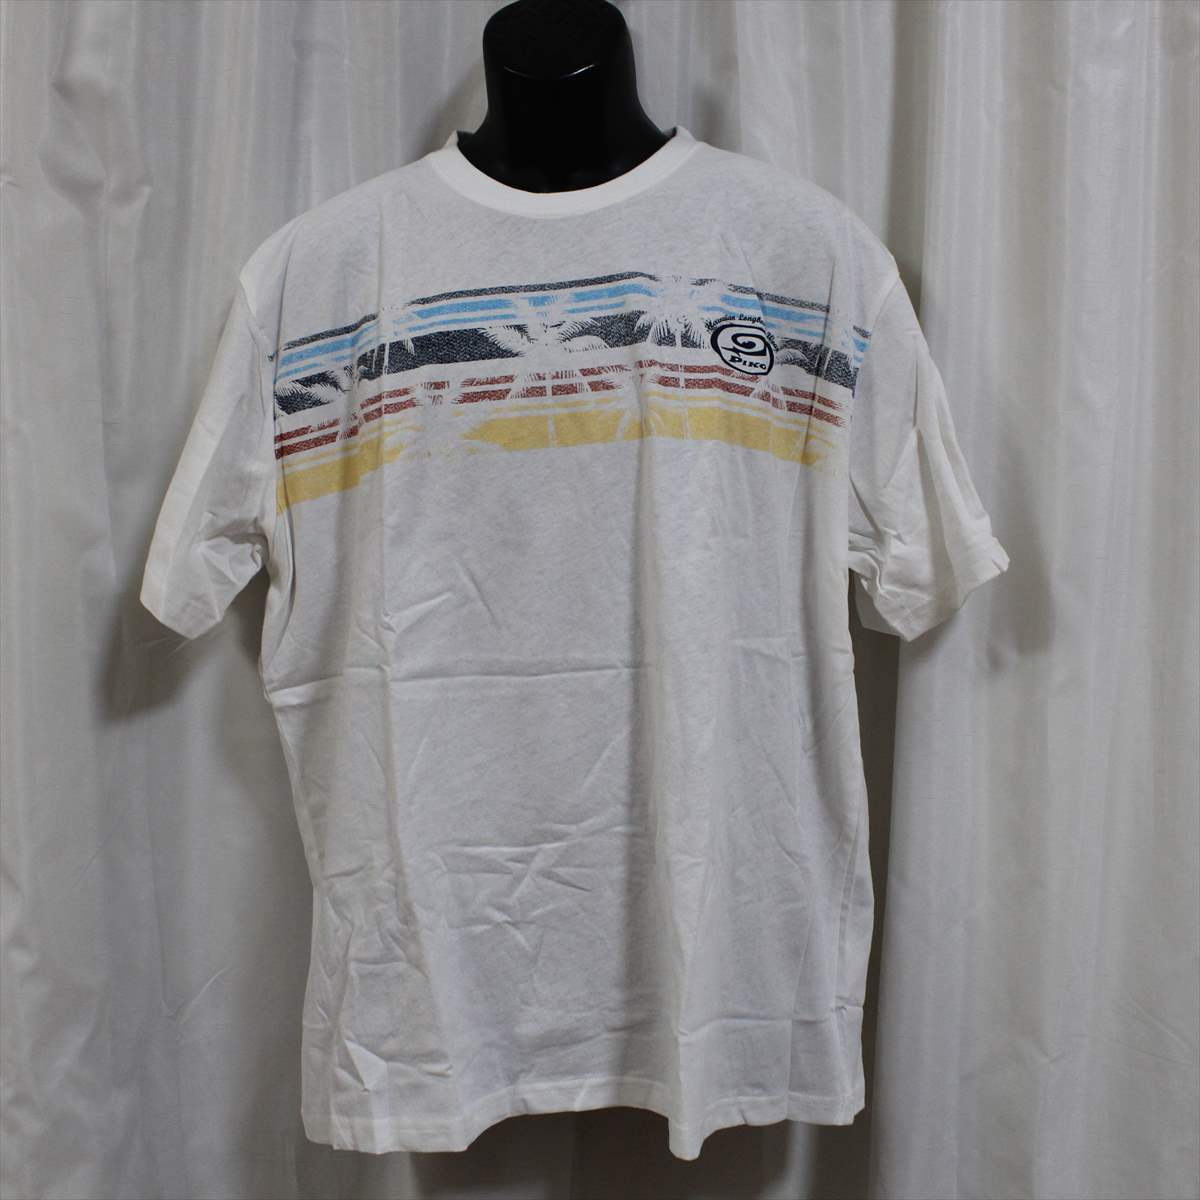 ピコ PIKO メンズ半袖Tシャツ ホワイト XXLサイズ 新品 白 アウトレット_画像1